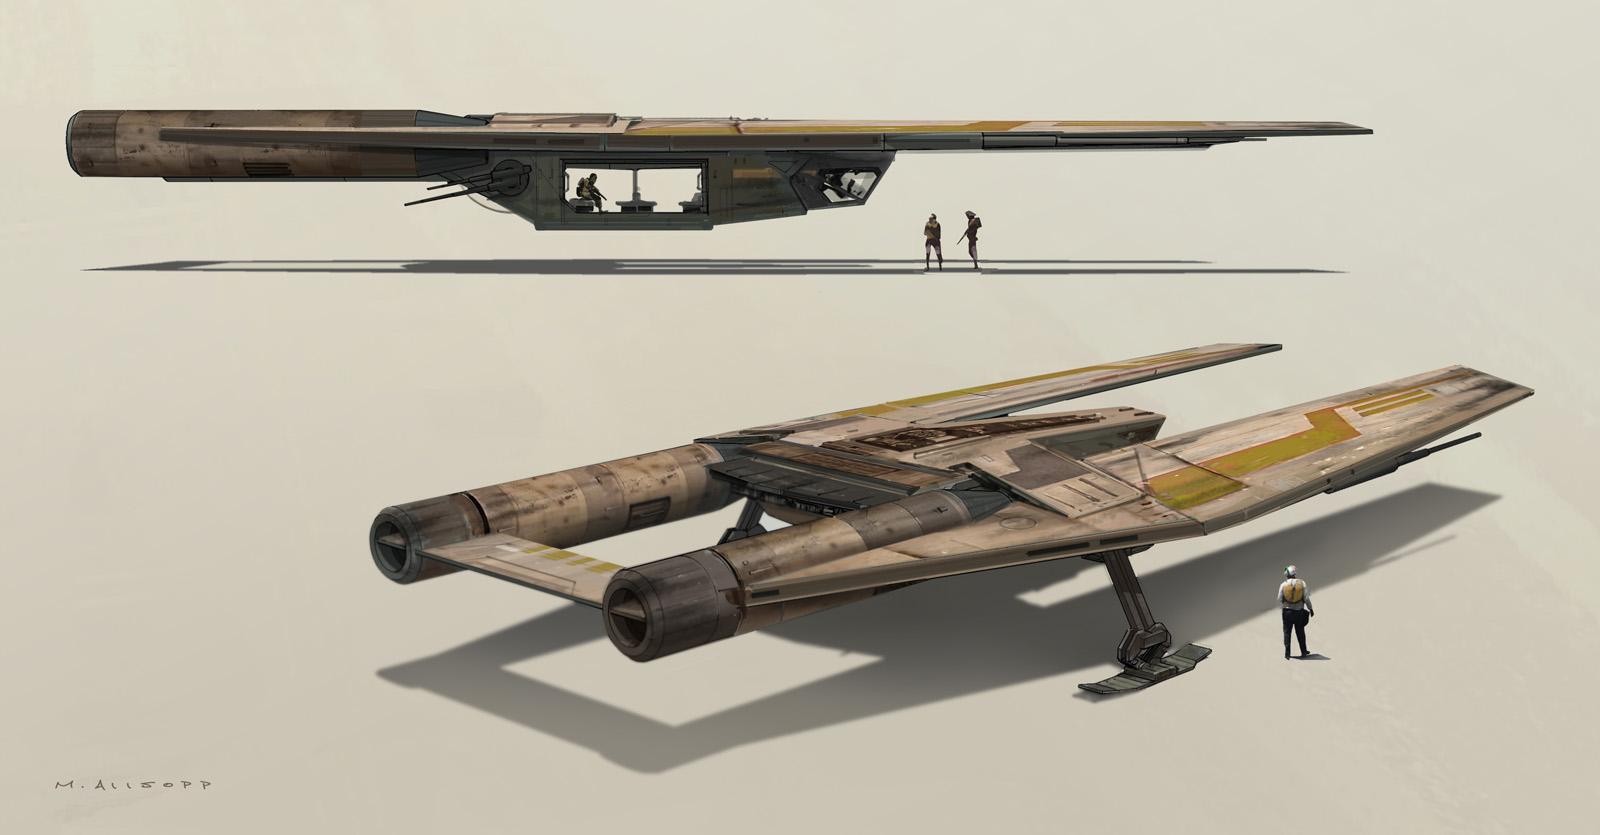 Rogue One: A Star Wars Story Concept Art by Matt Allsopp